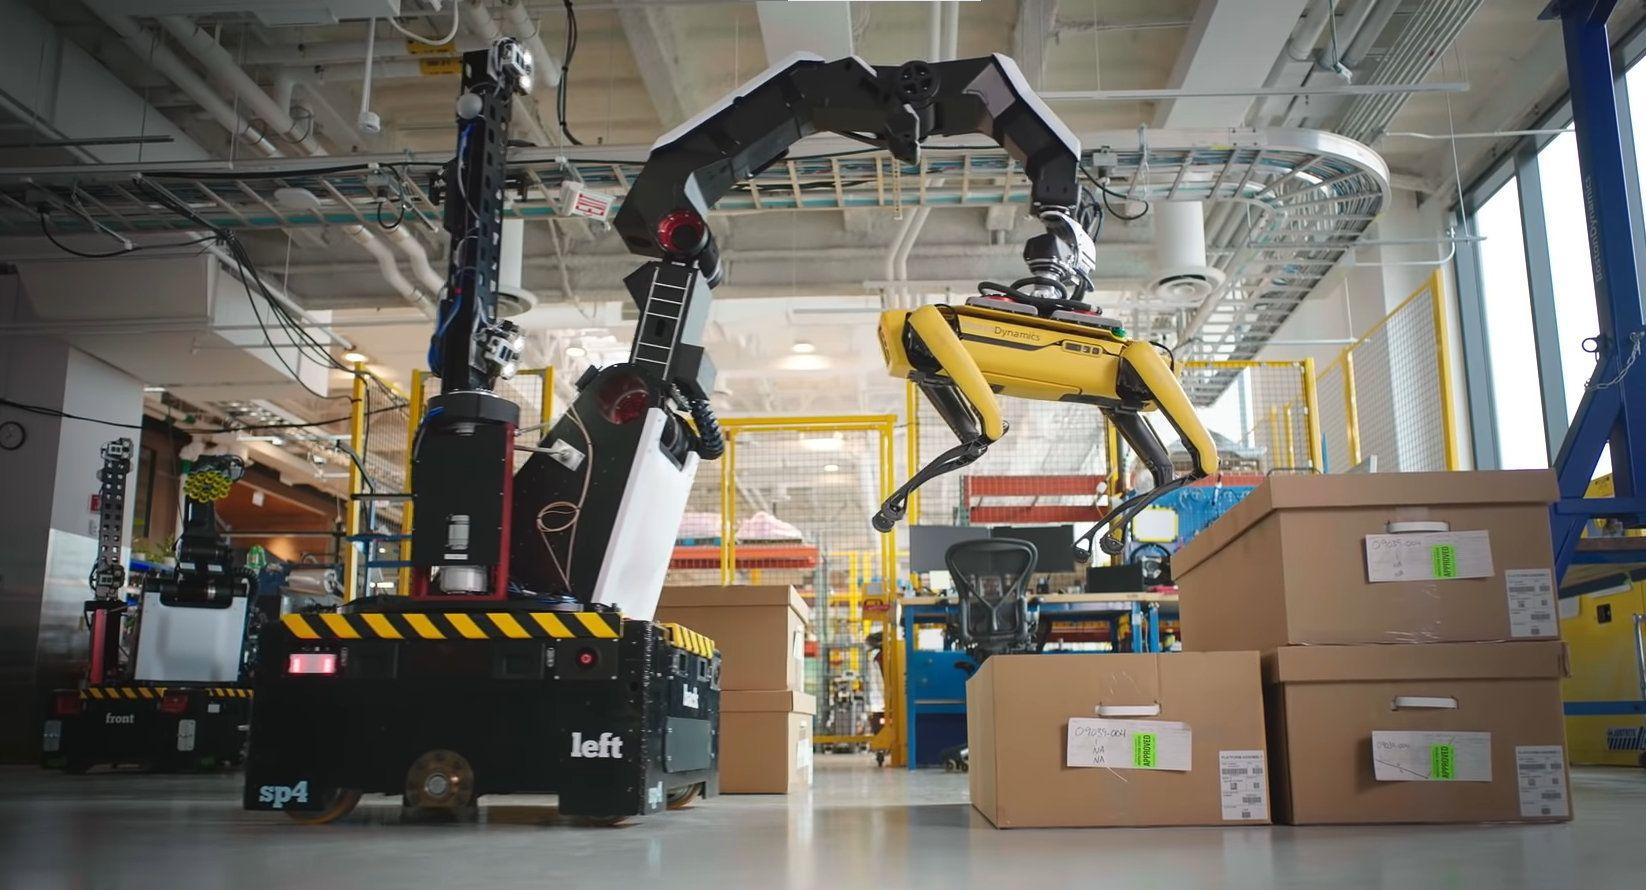 Boston Dynamics' Stretch robot